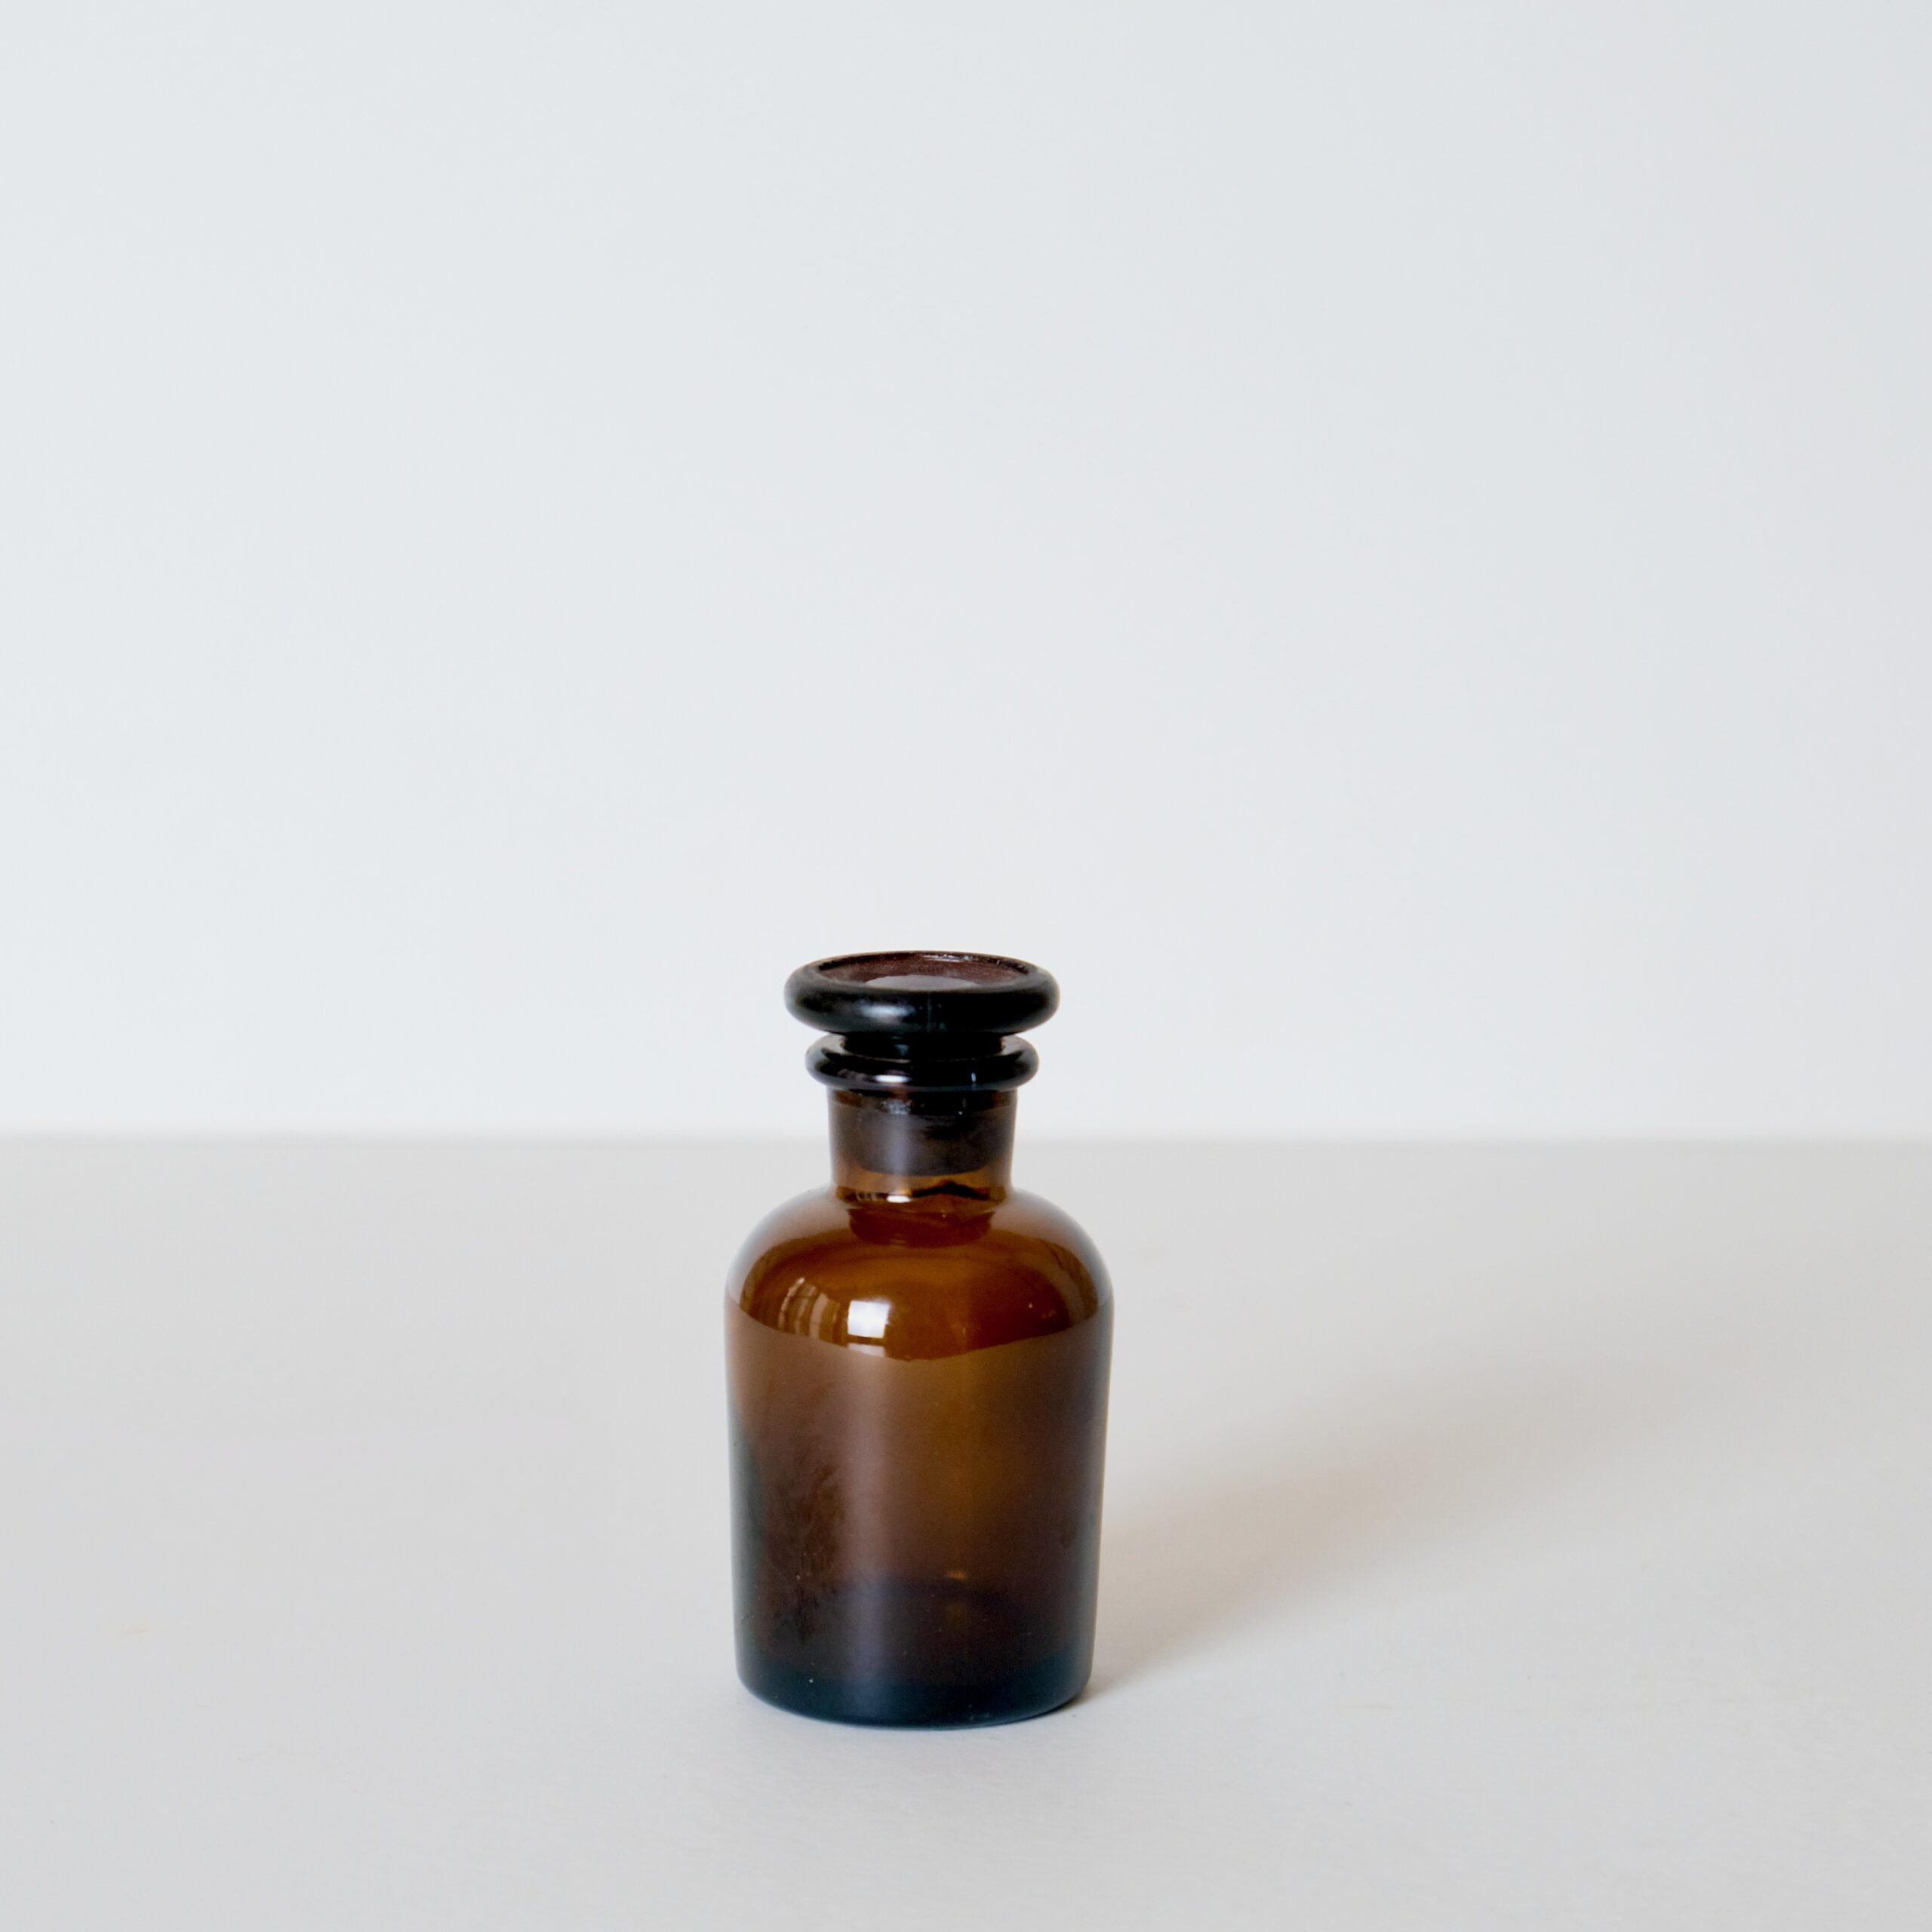 Fiole-fumée-S-atelier-lavarenne-fleuriste-lyon